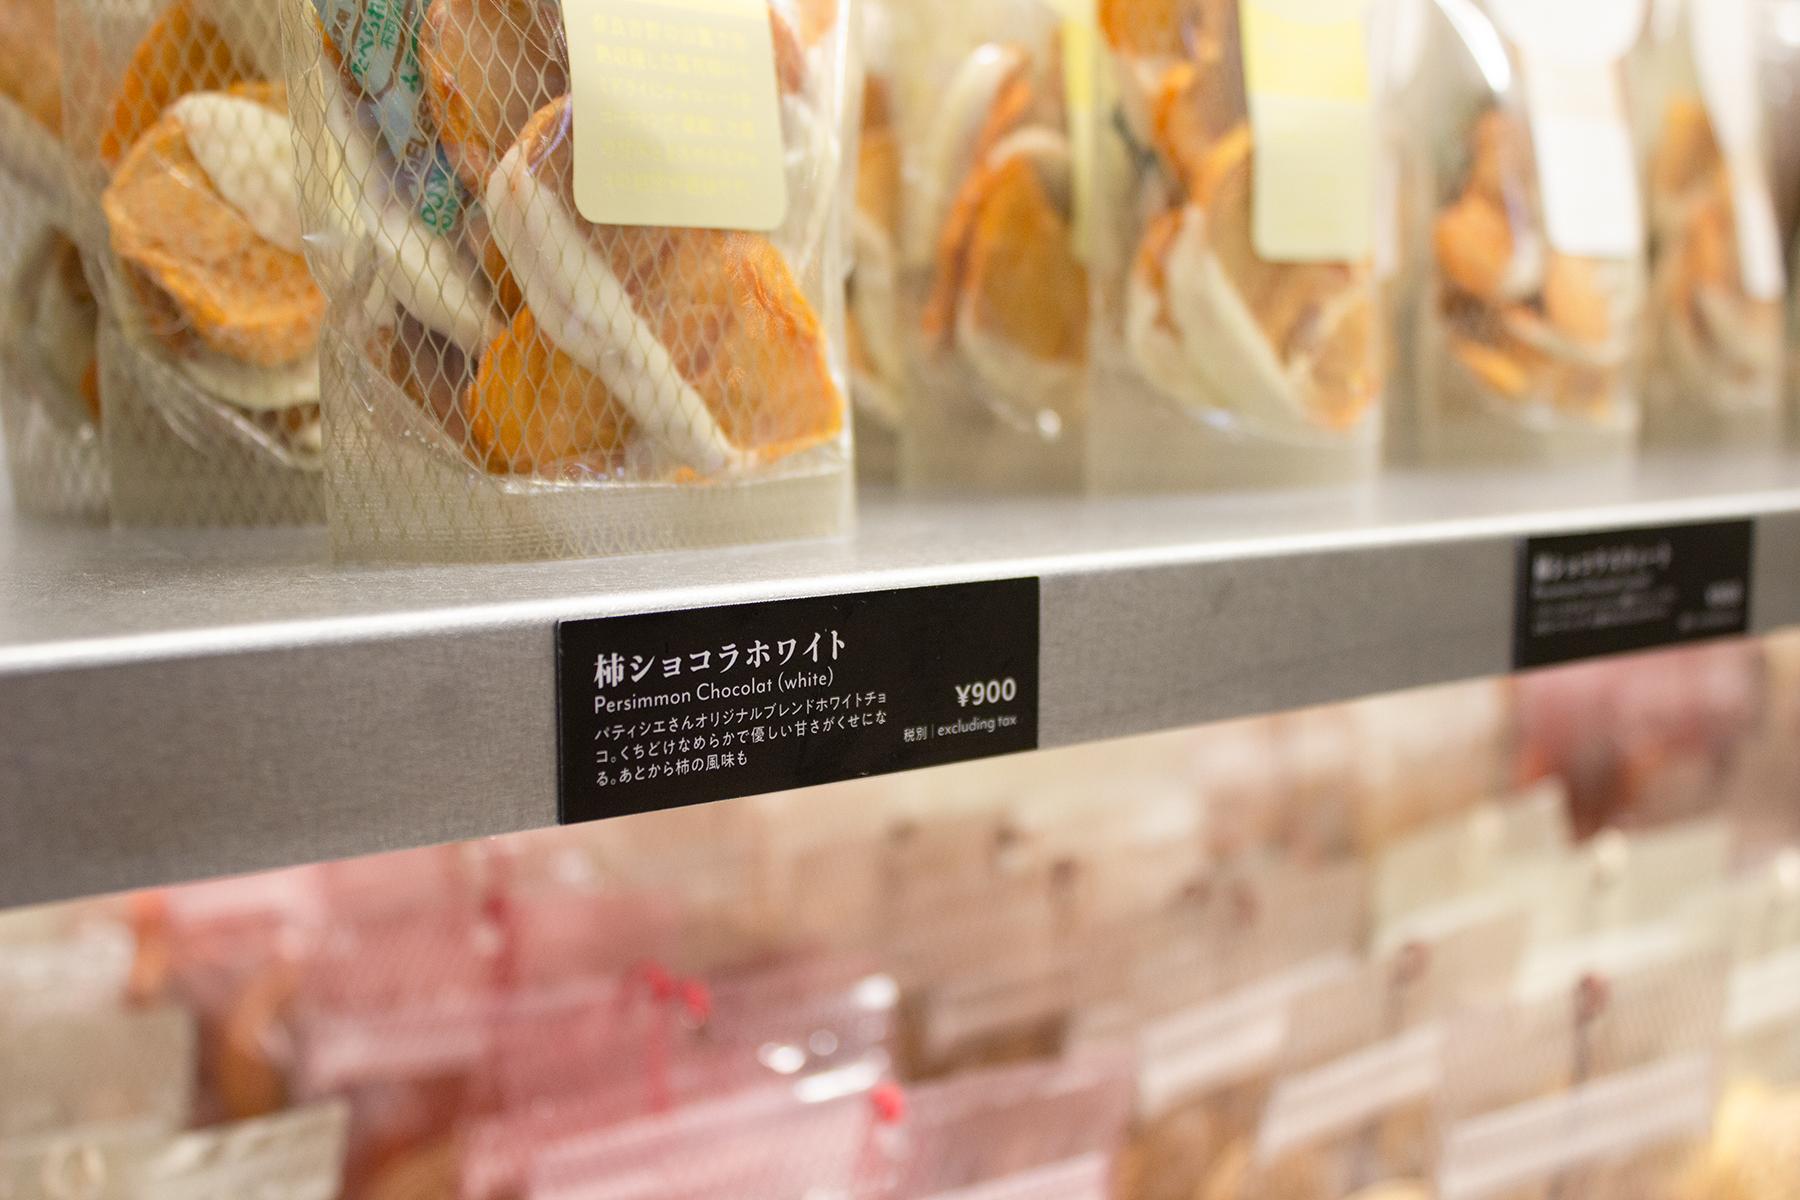 horiuchi_pricecard.jpg